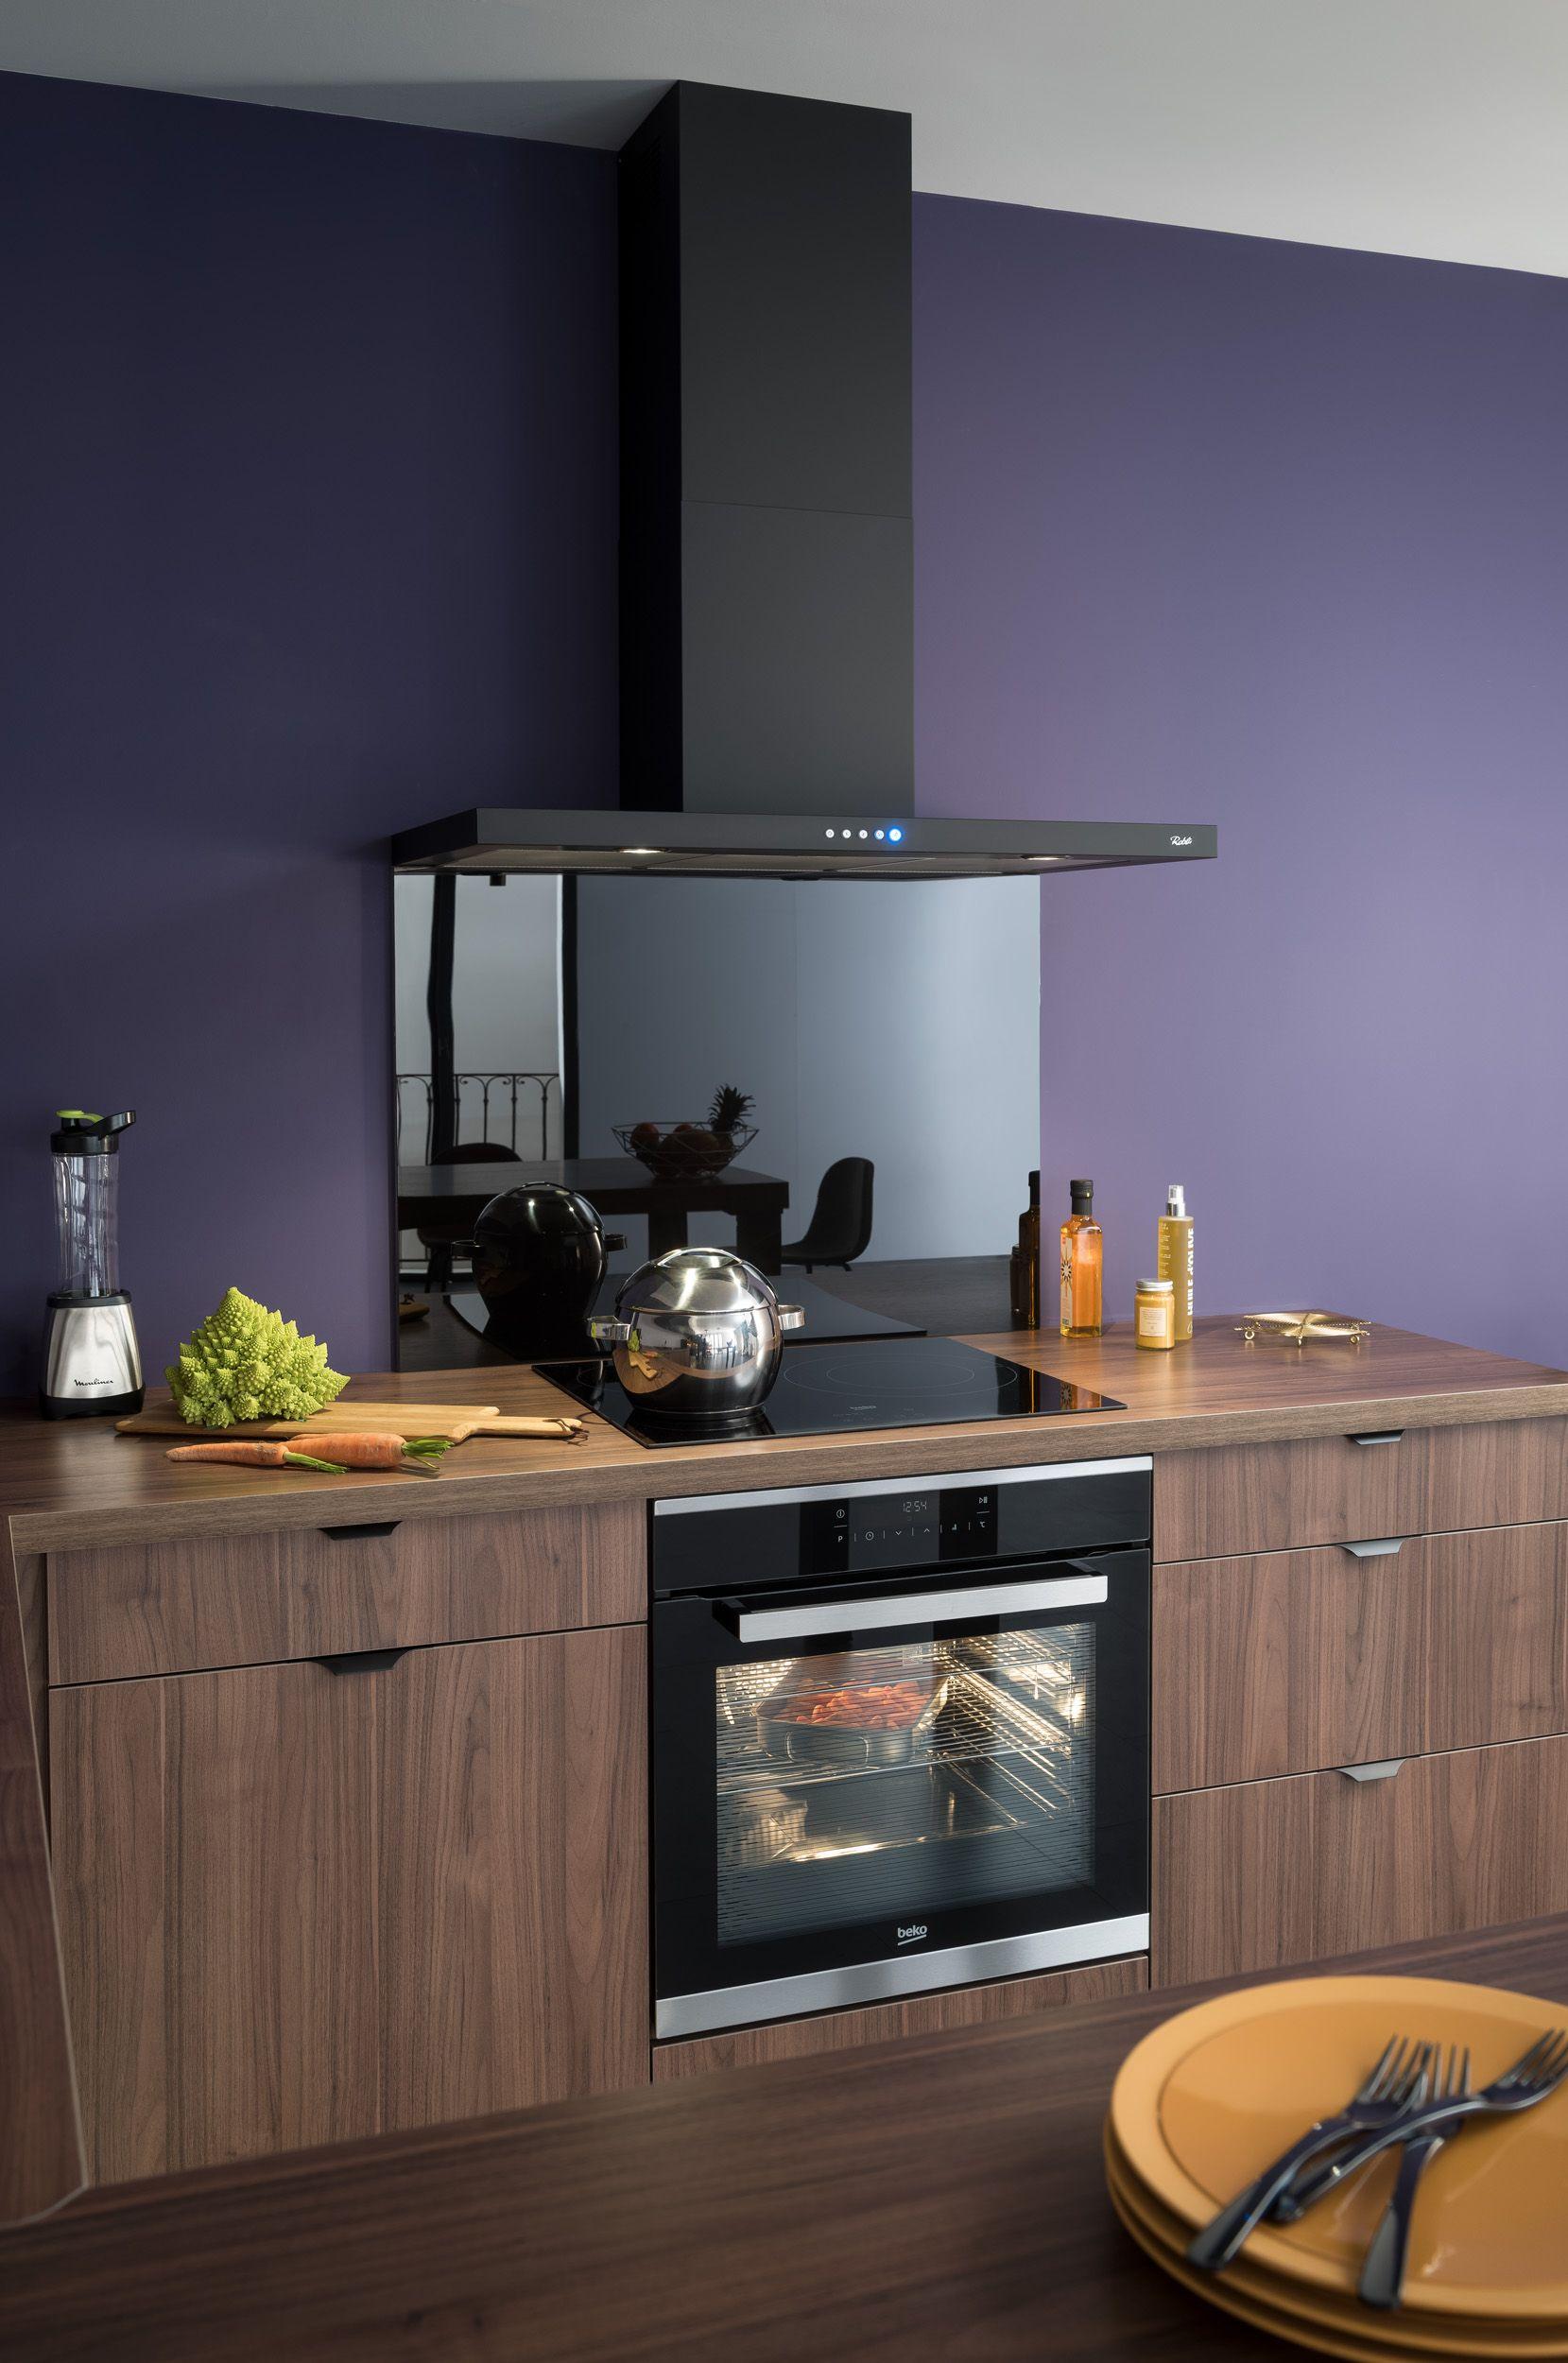 panneau credence cuisine good soignez le look de votre cuisine en optant pour une belle crdence. Black Bedroom Furniture Sets. Home Design Ideas